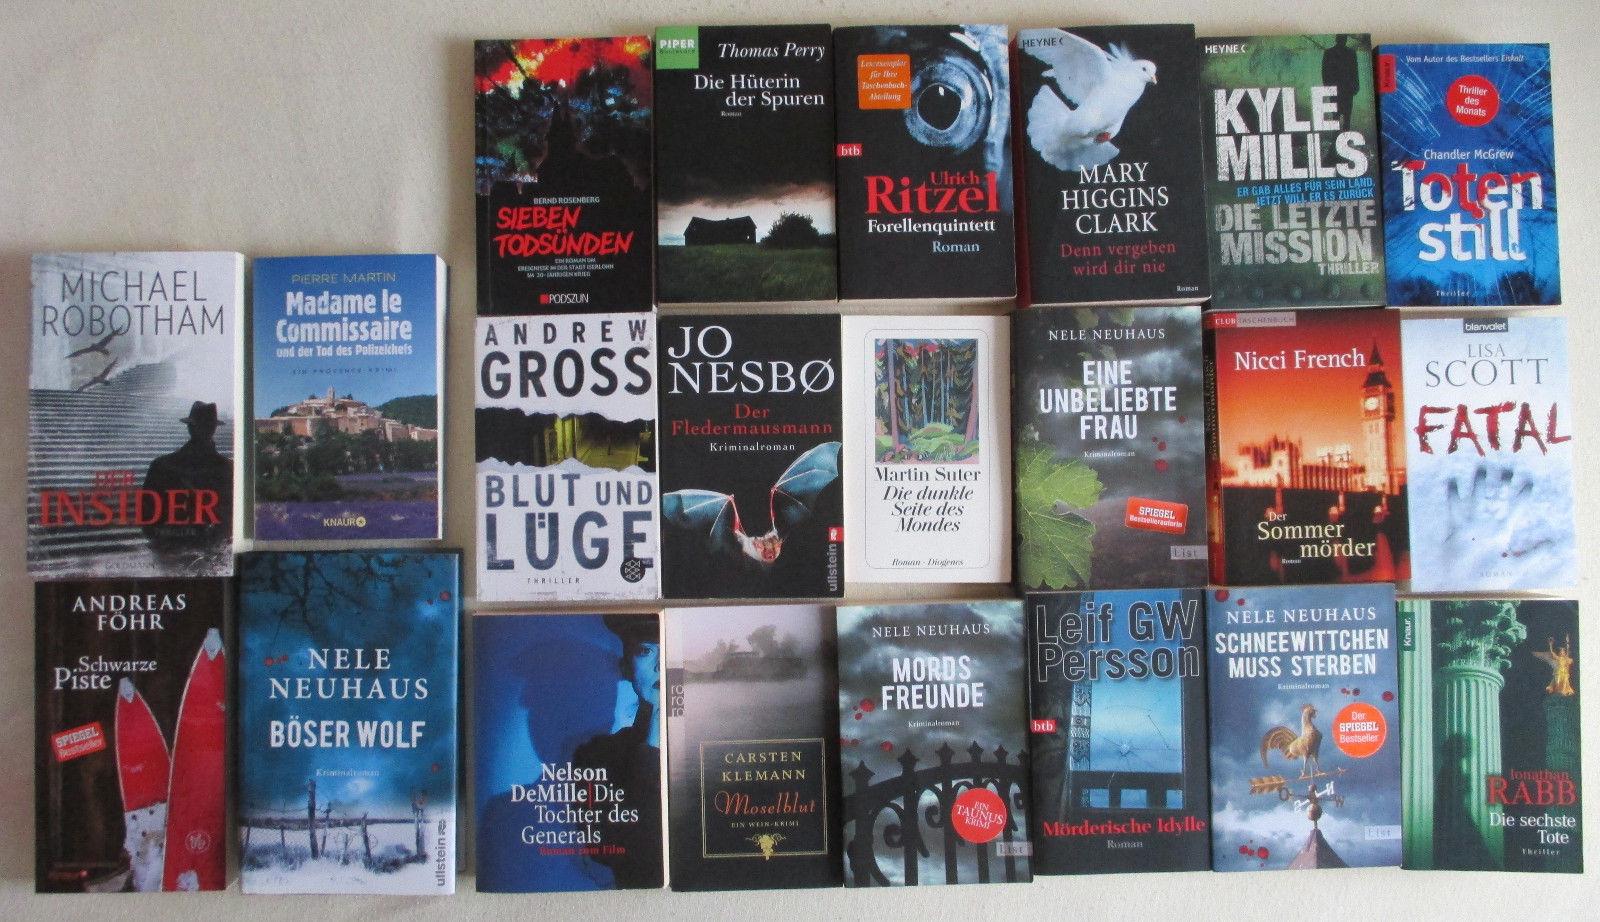 Büchersammlung, Romane, Buchpaket, Thriller, Krimi mit jeder Menge Spannung